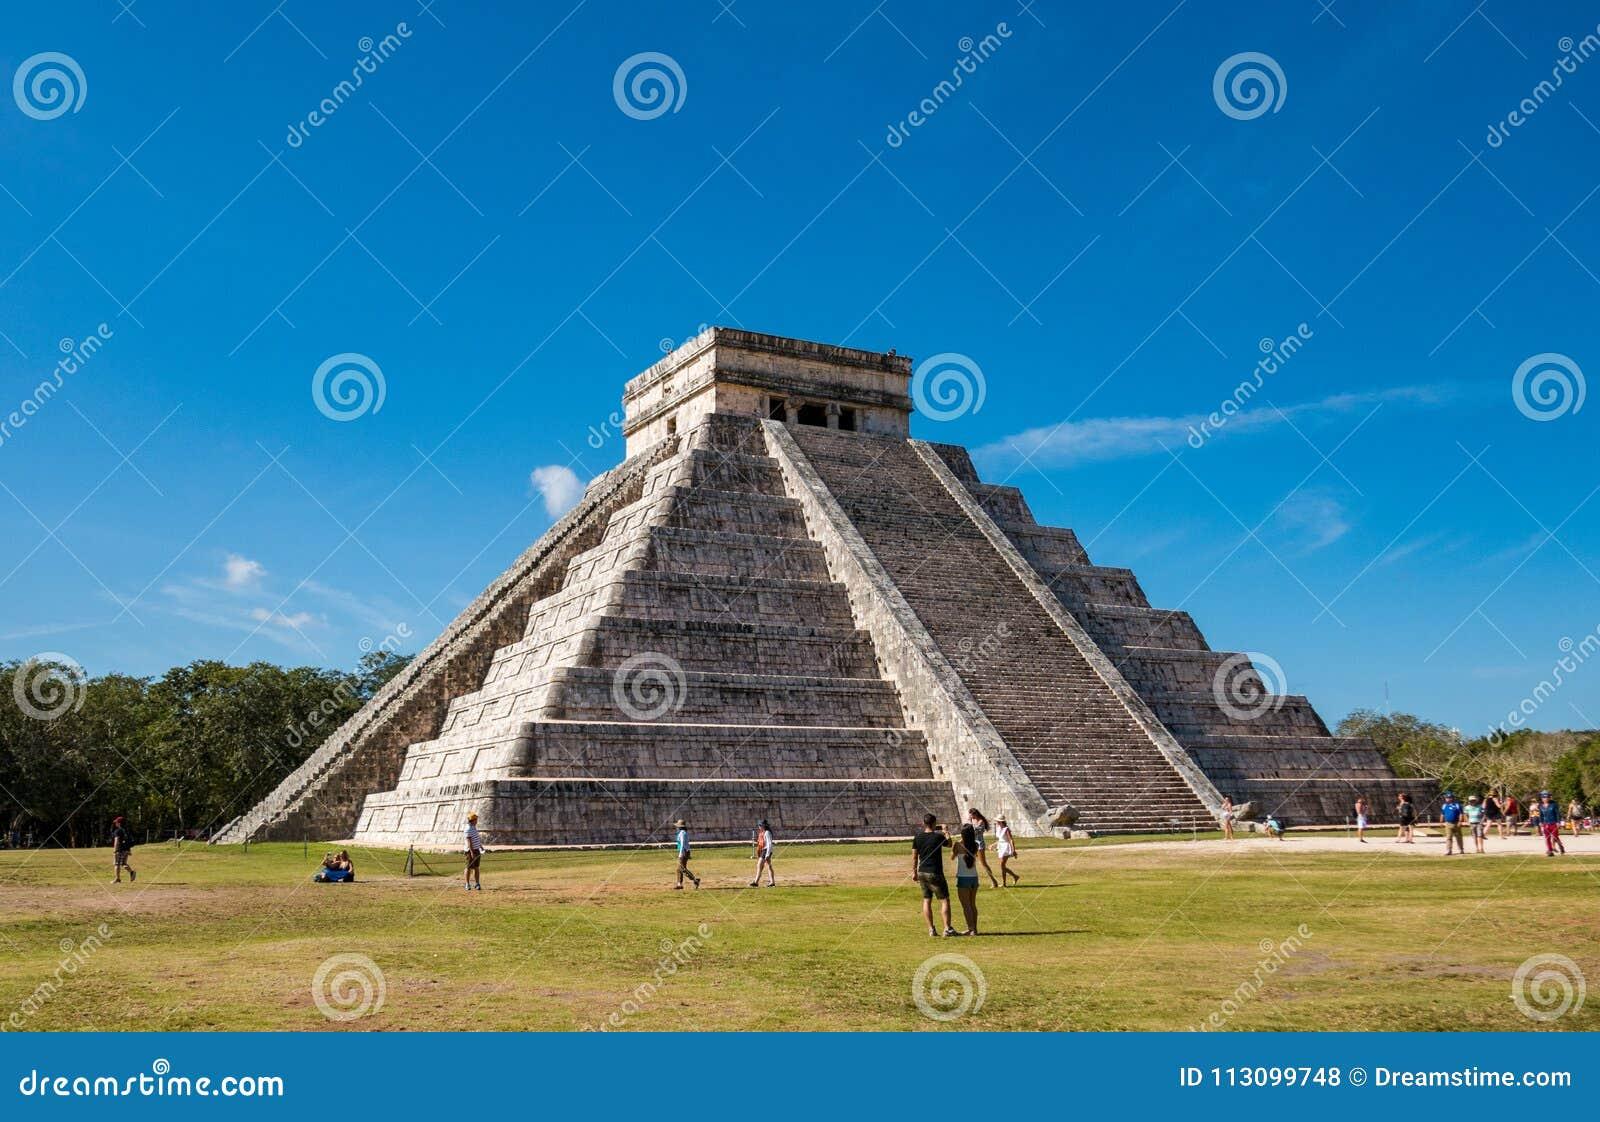 Pirámide famosa contra el cielo azul en las ruinas mayas antiguas de Chichen Itza en México